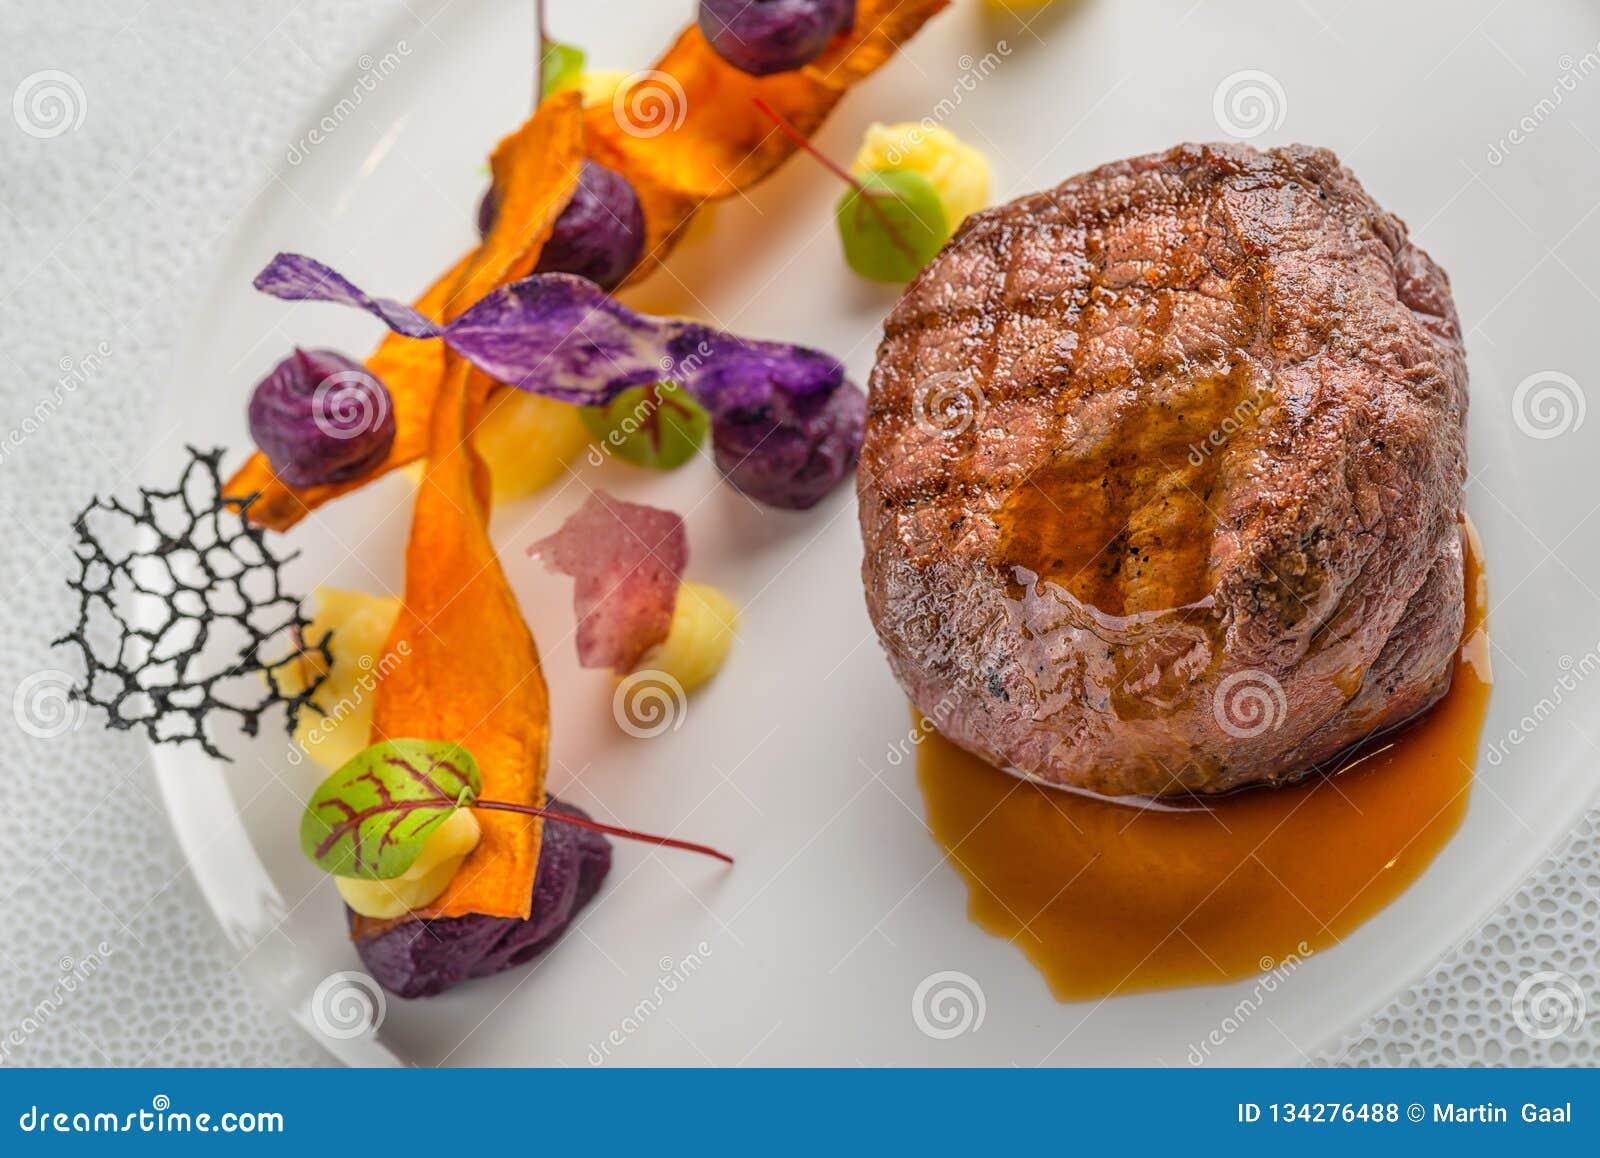 Εύγευστη μπριζόλα βόειου κρέατος με τη σάλτσα και το λαχανικό, που εξυπηρετούνται στο άσπρο πιάτο, τη σύγχρονη γαστρονομία, εστια